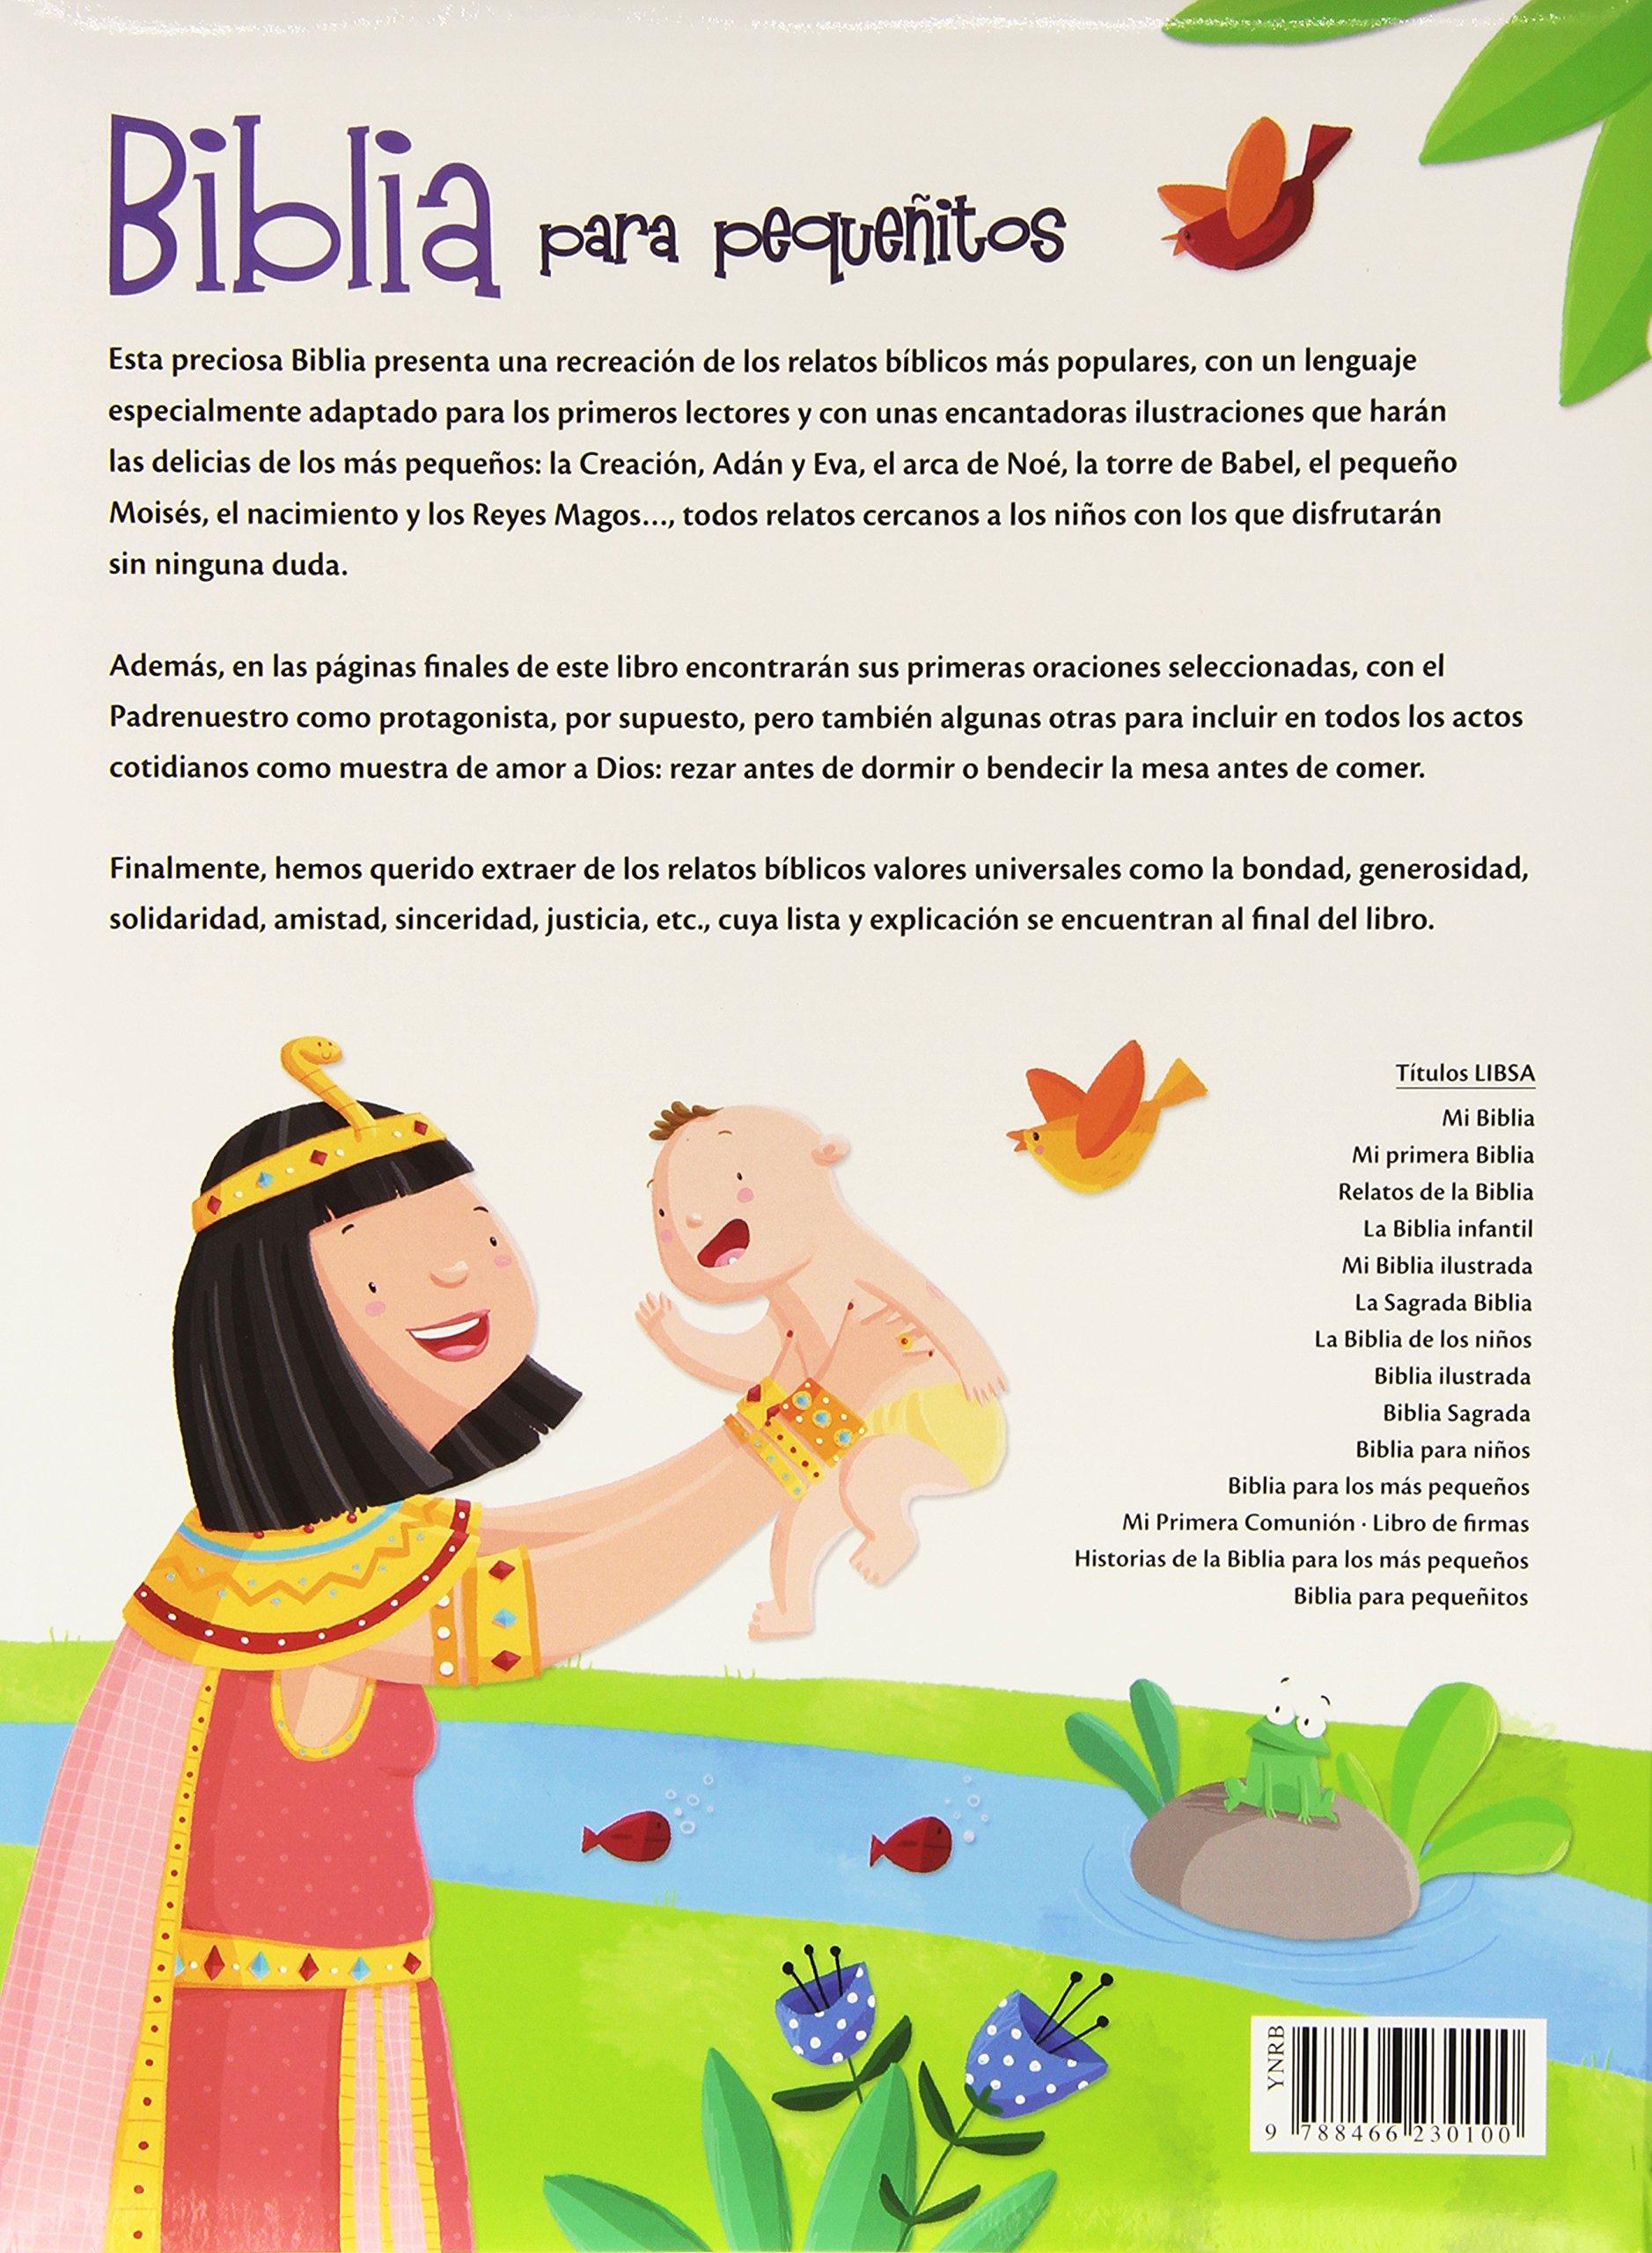 Biblia Para Pequeñitos (Biblias Infantiles): Amazon.es: Equipo Editorial: Libros